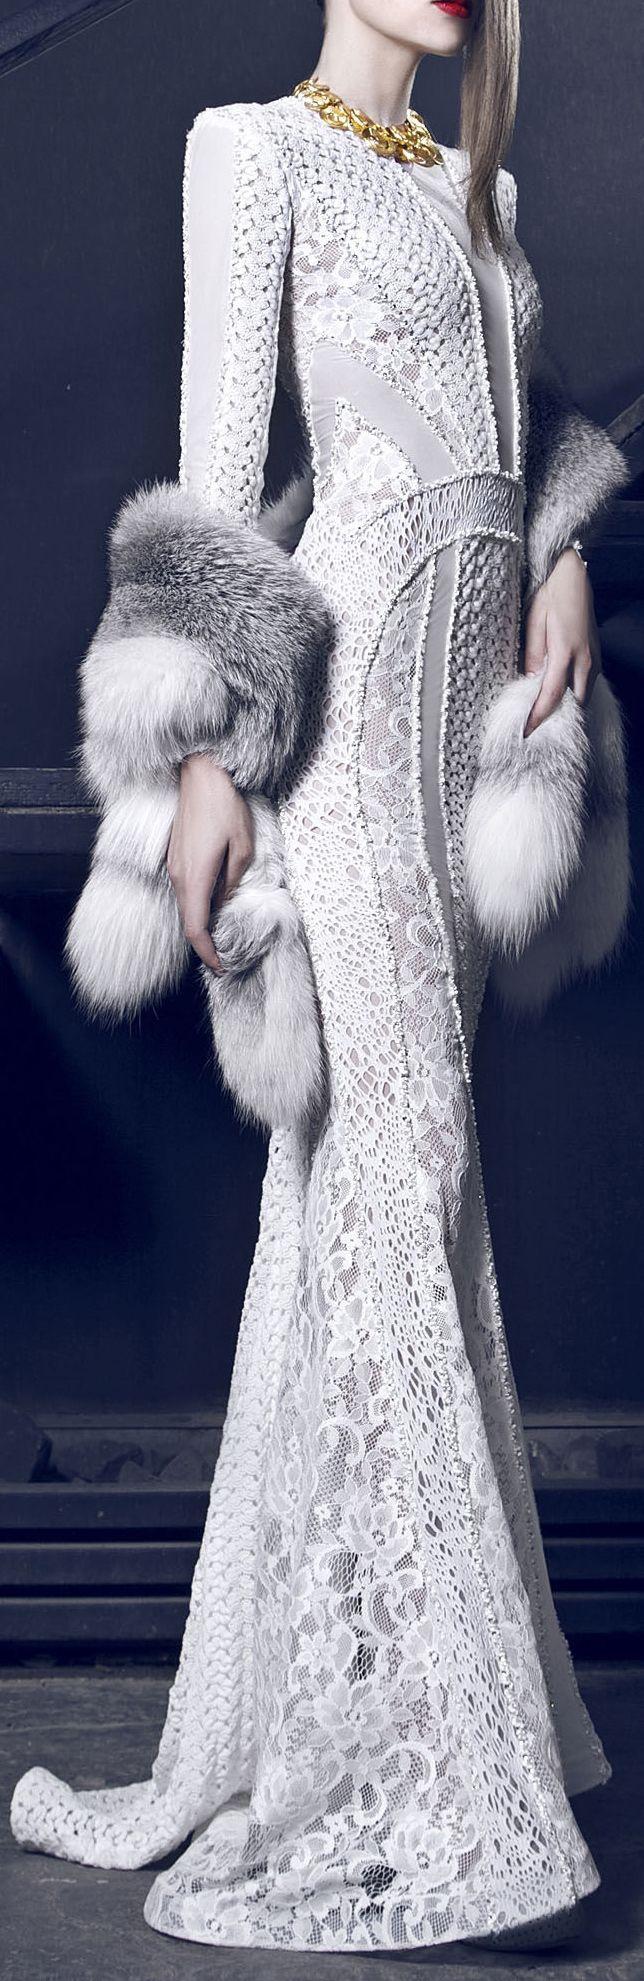 Stunning Dress Mehr